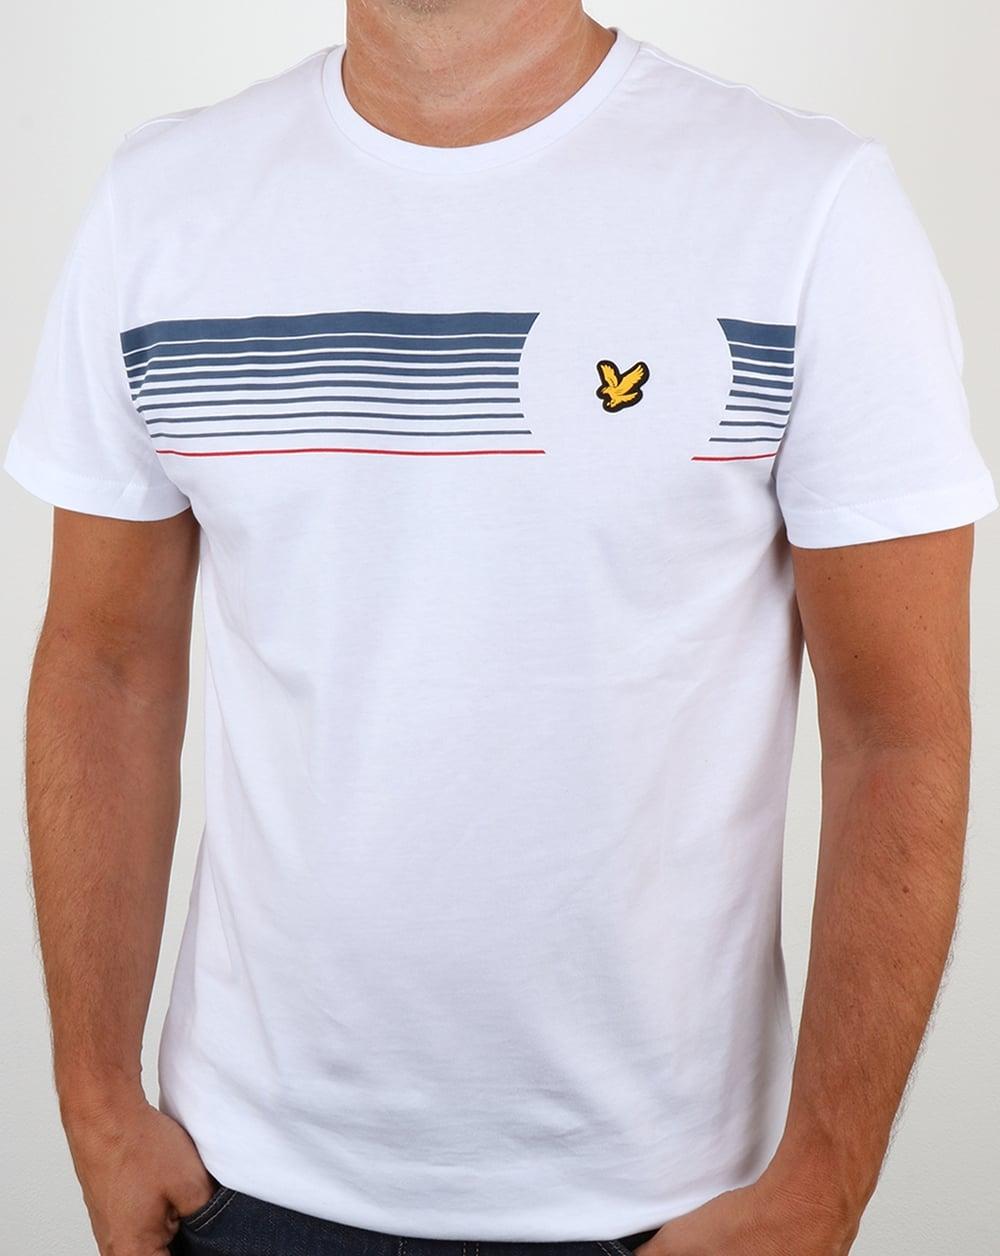 Robson camiseta y Scott blanca Lyle gráfica EqOPt